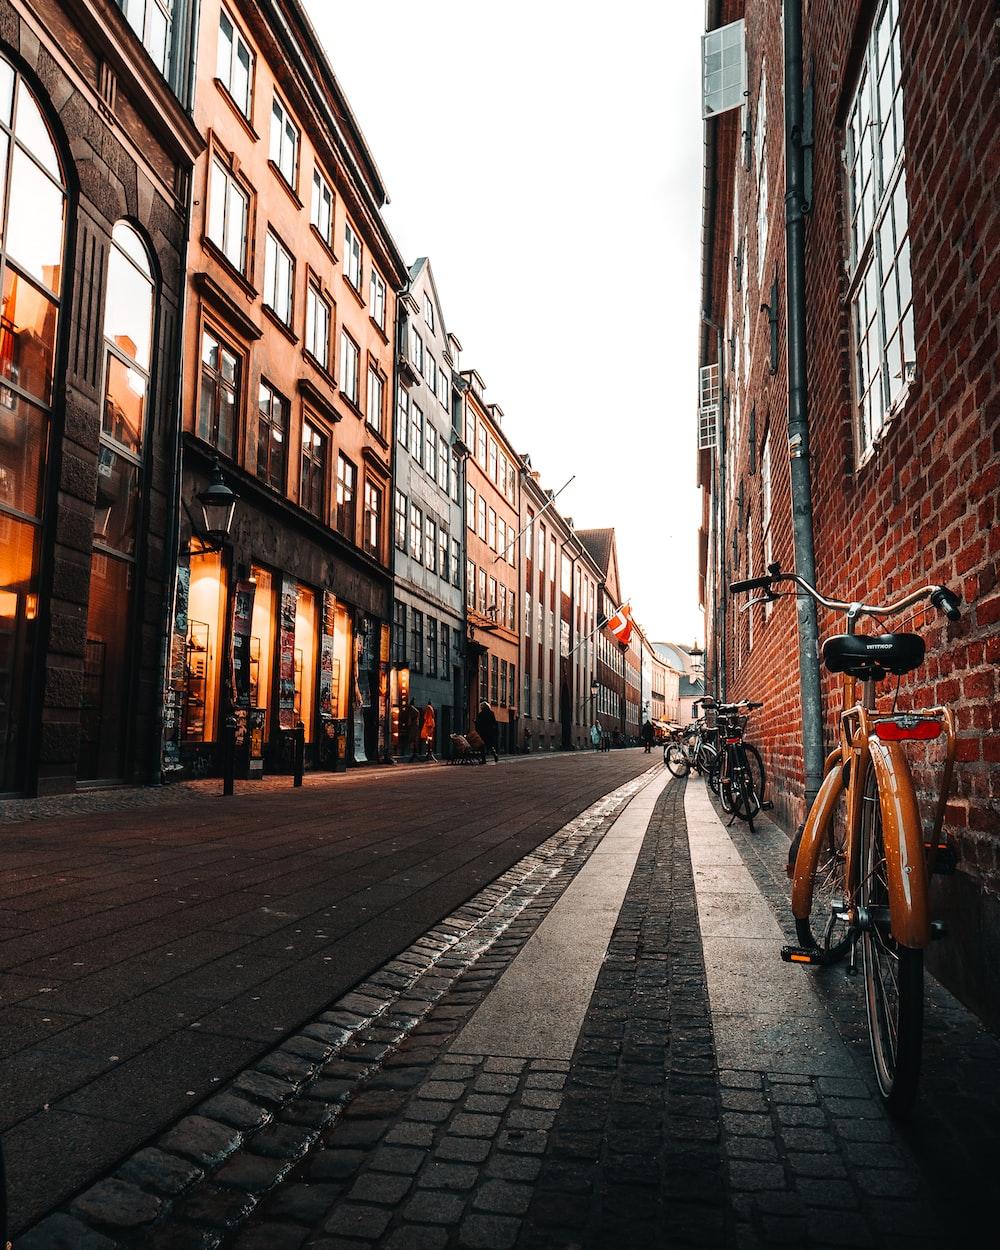 black bicycle parked on sidewalk in between buildings during daytime